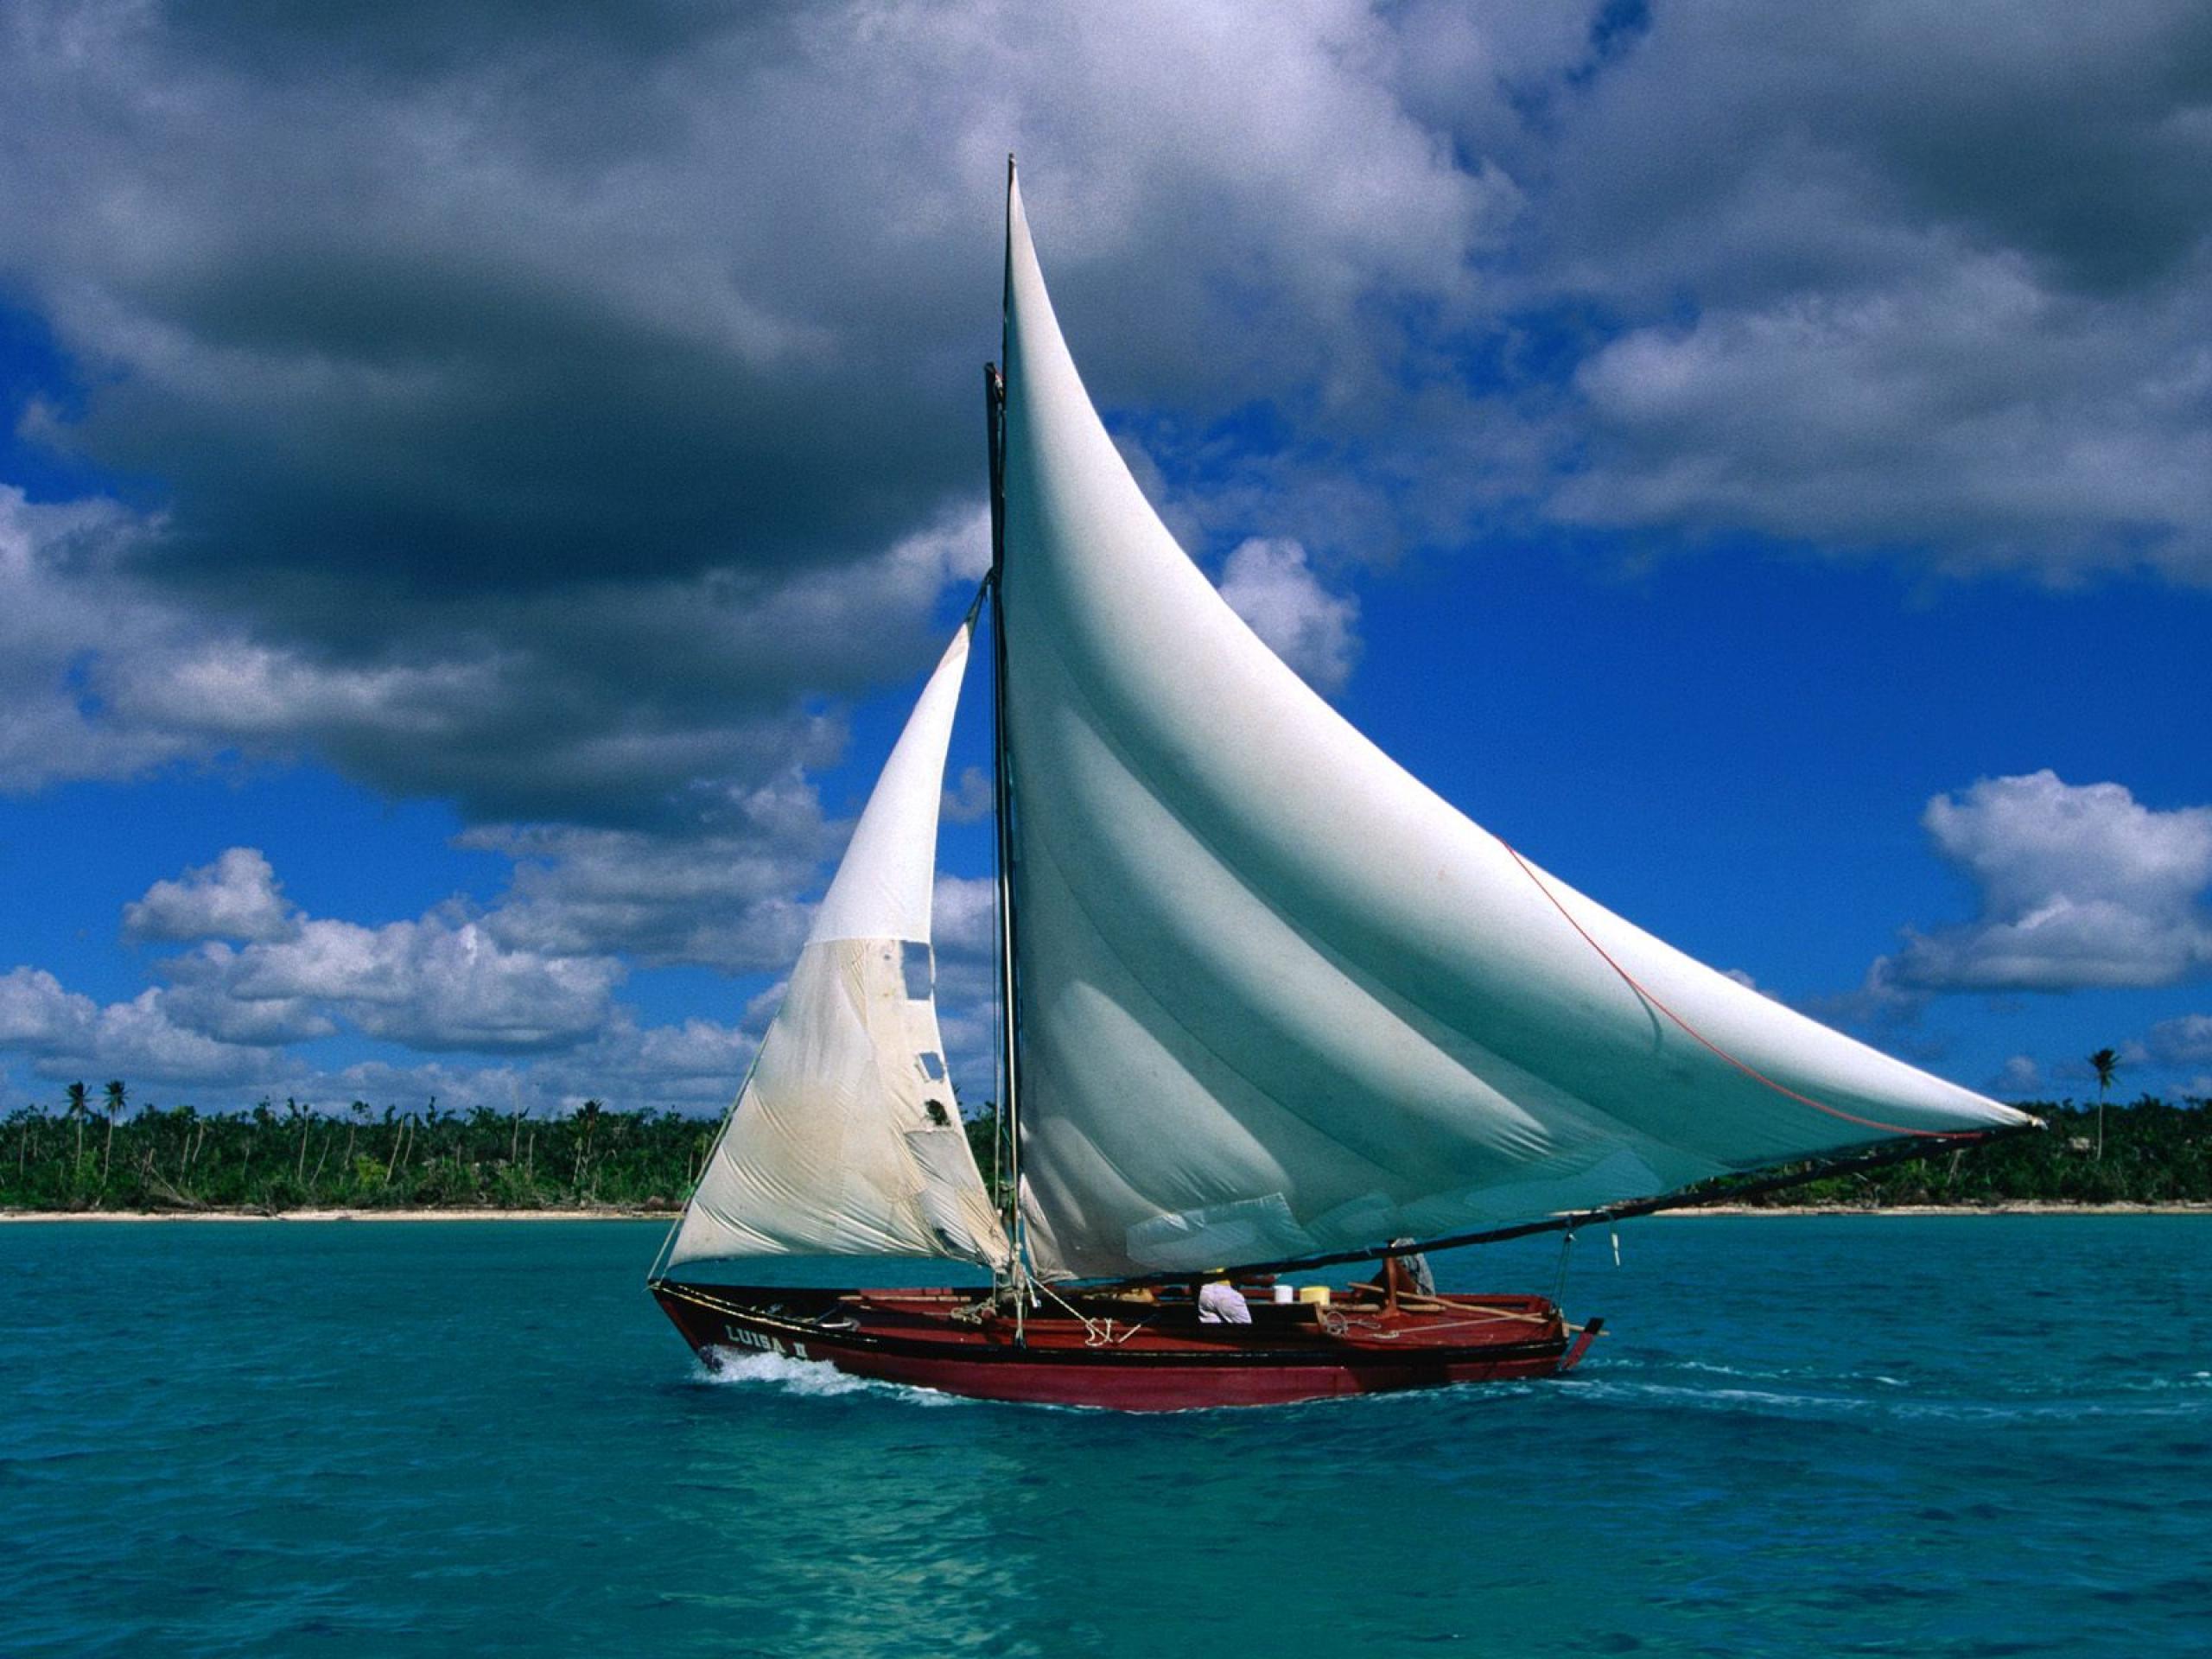 tải ảnh thuyền buồm lãng mạn